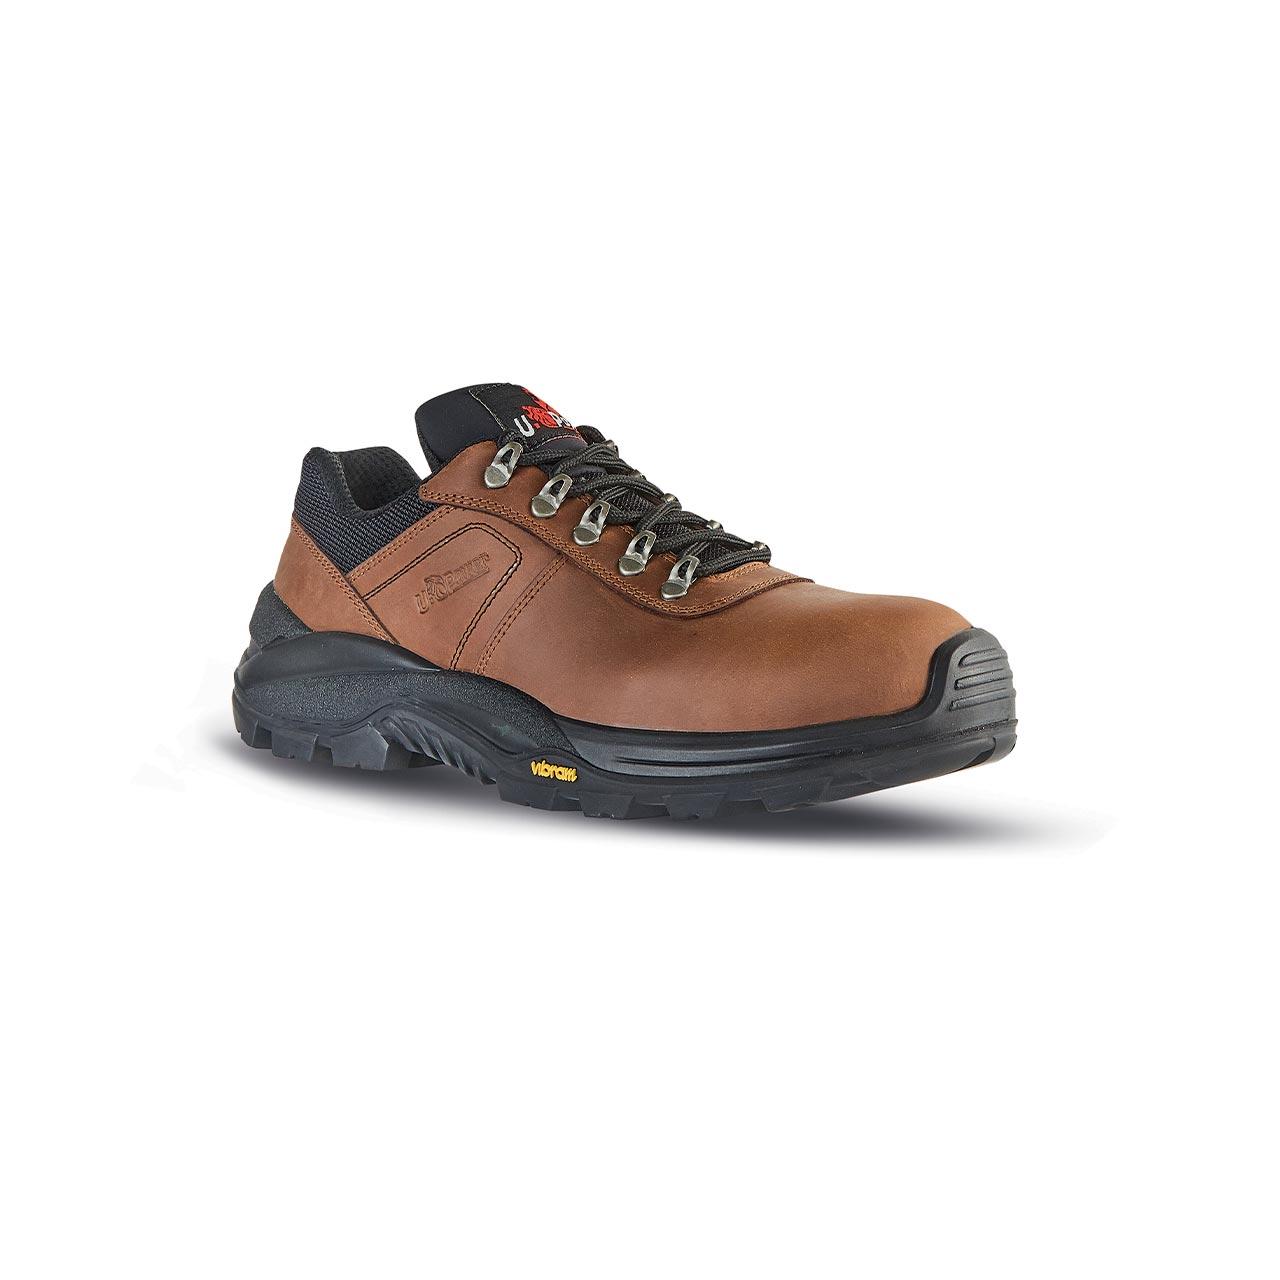 scarpa antinfortunistica upower modello jumpnew linea conceptm vista laterale